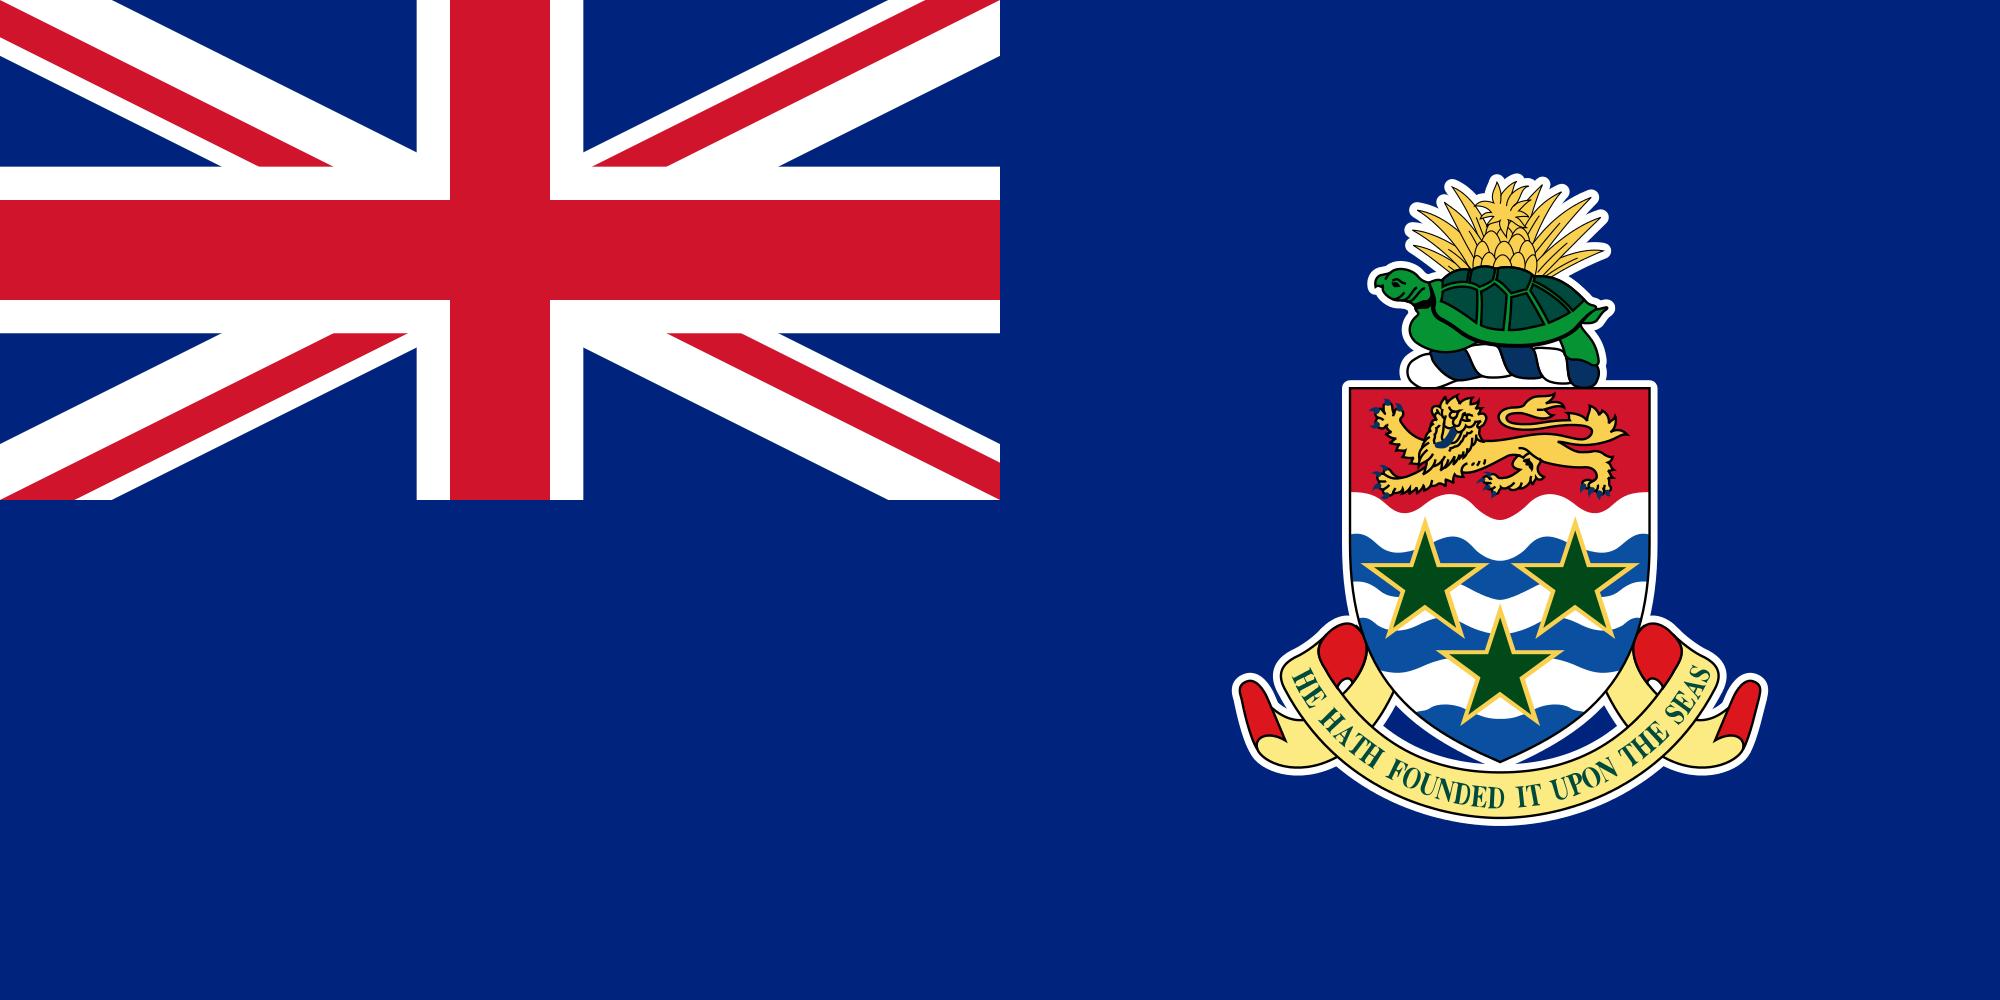 جزر كايمان, البلد, emblema, شعار, الرمز - خلفيات عالية الدقة - أستاذ falken.com